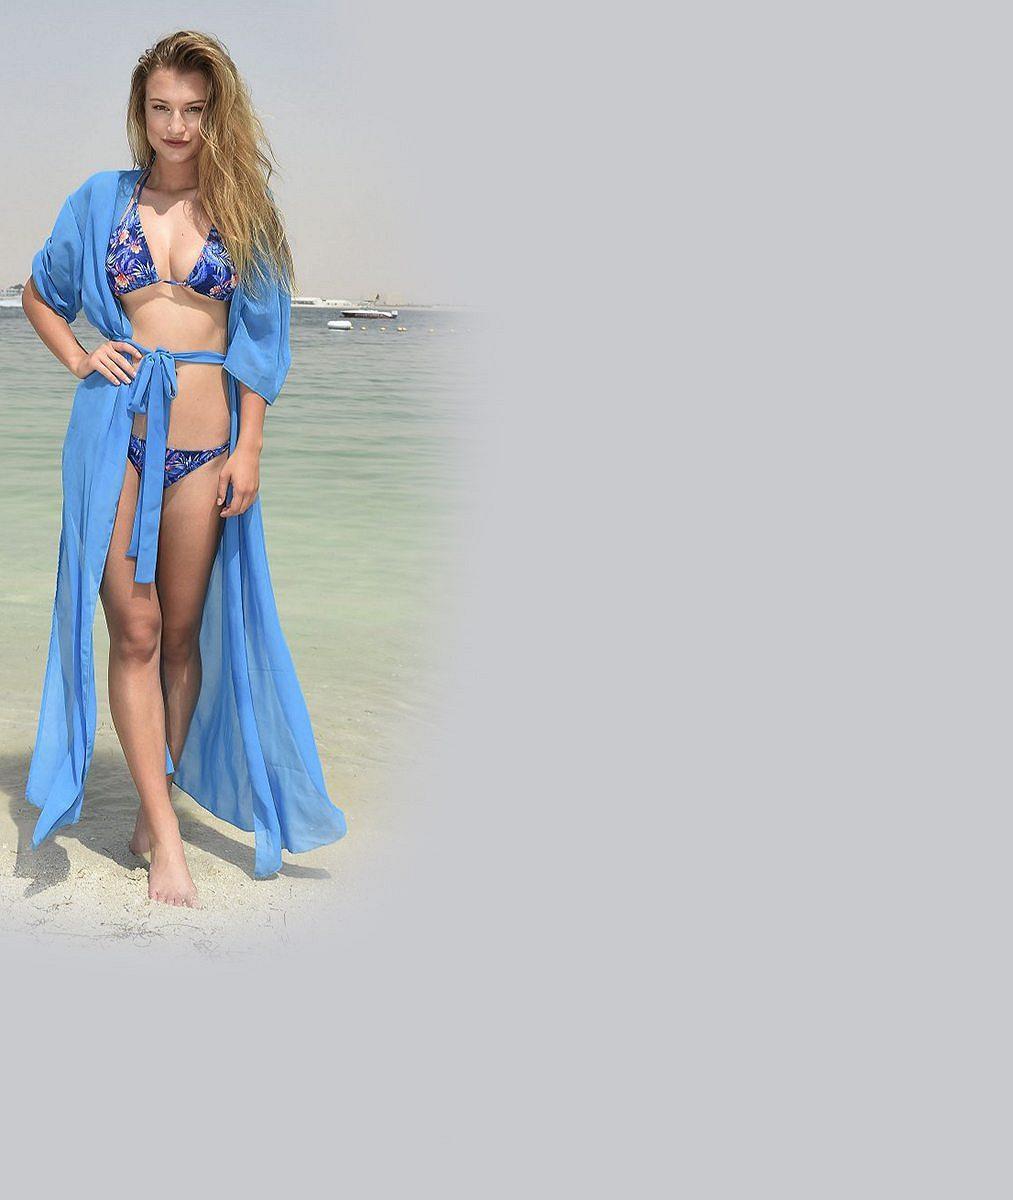 Dýchejte zhluboka! Nejkrásnější Češka abývalka Bena Cristovaa zapózovala vprůhledném sexy prádélku